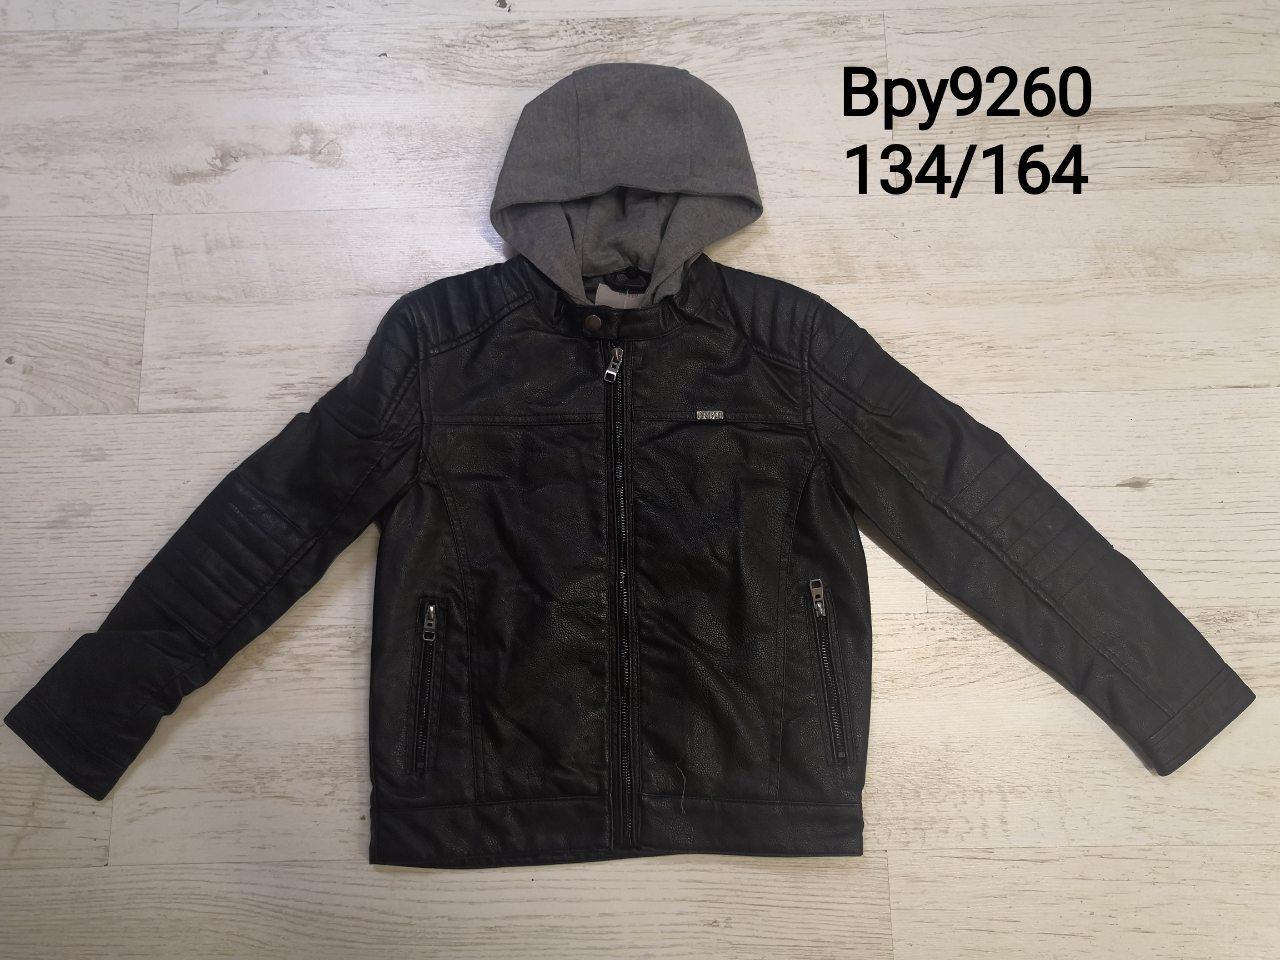 Куртки кожзам для мальчиков оптом, размеры 134-164,  Glo-story, арт. ВPY-9260